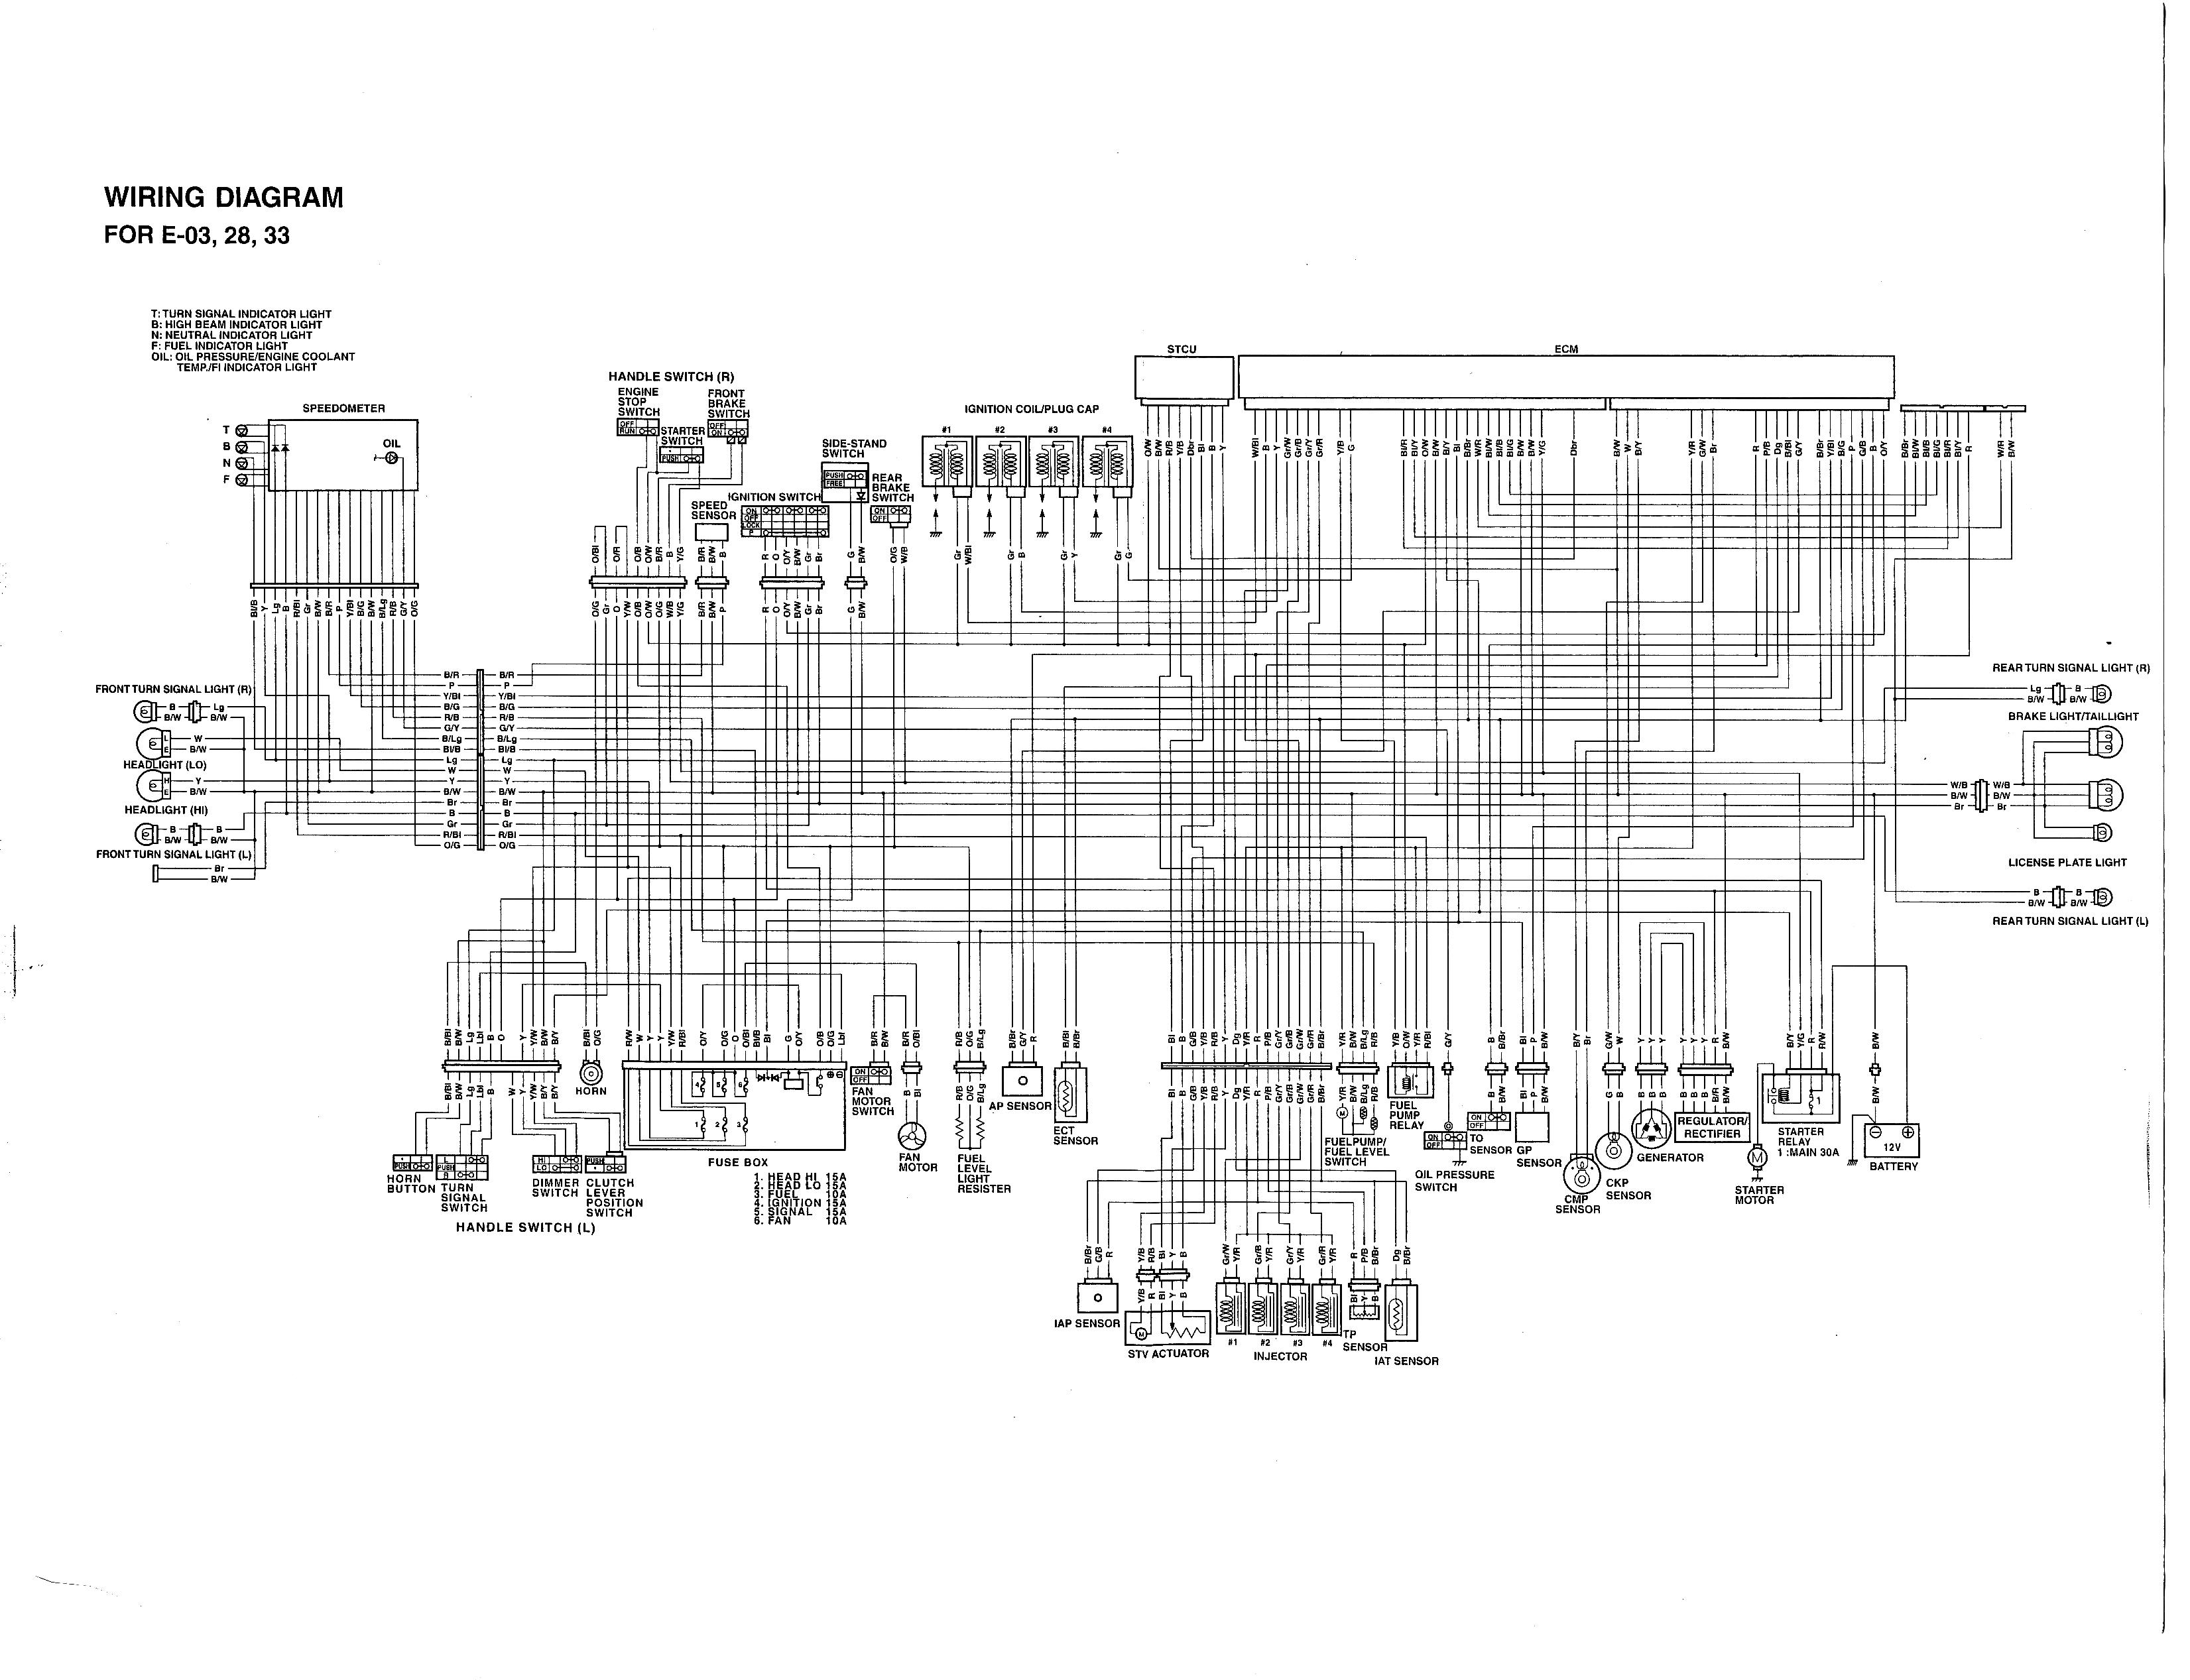 Suzuki Gt750 Wiring Diagram Online Schematics Honda Cb360 2004 Sv650s Diagrams Wire Data Schema U2022